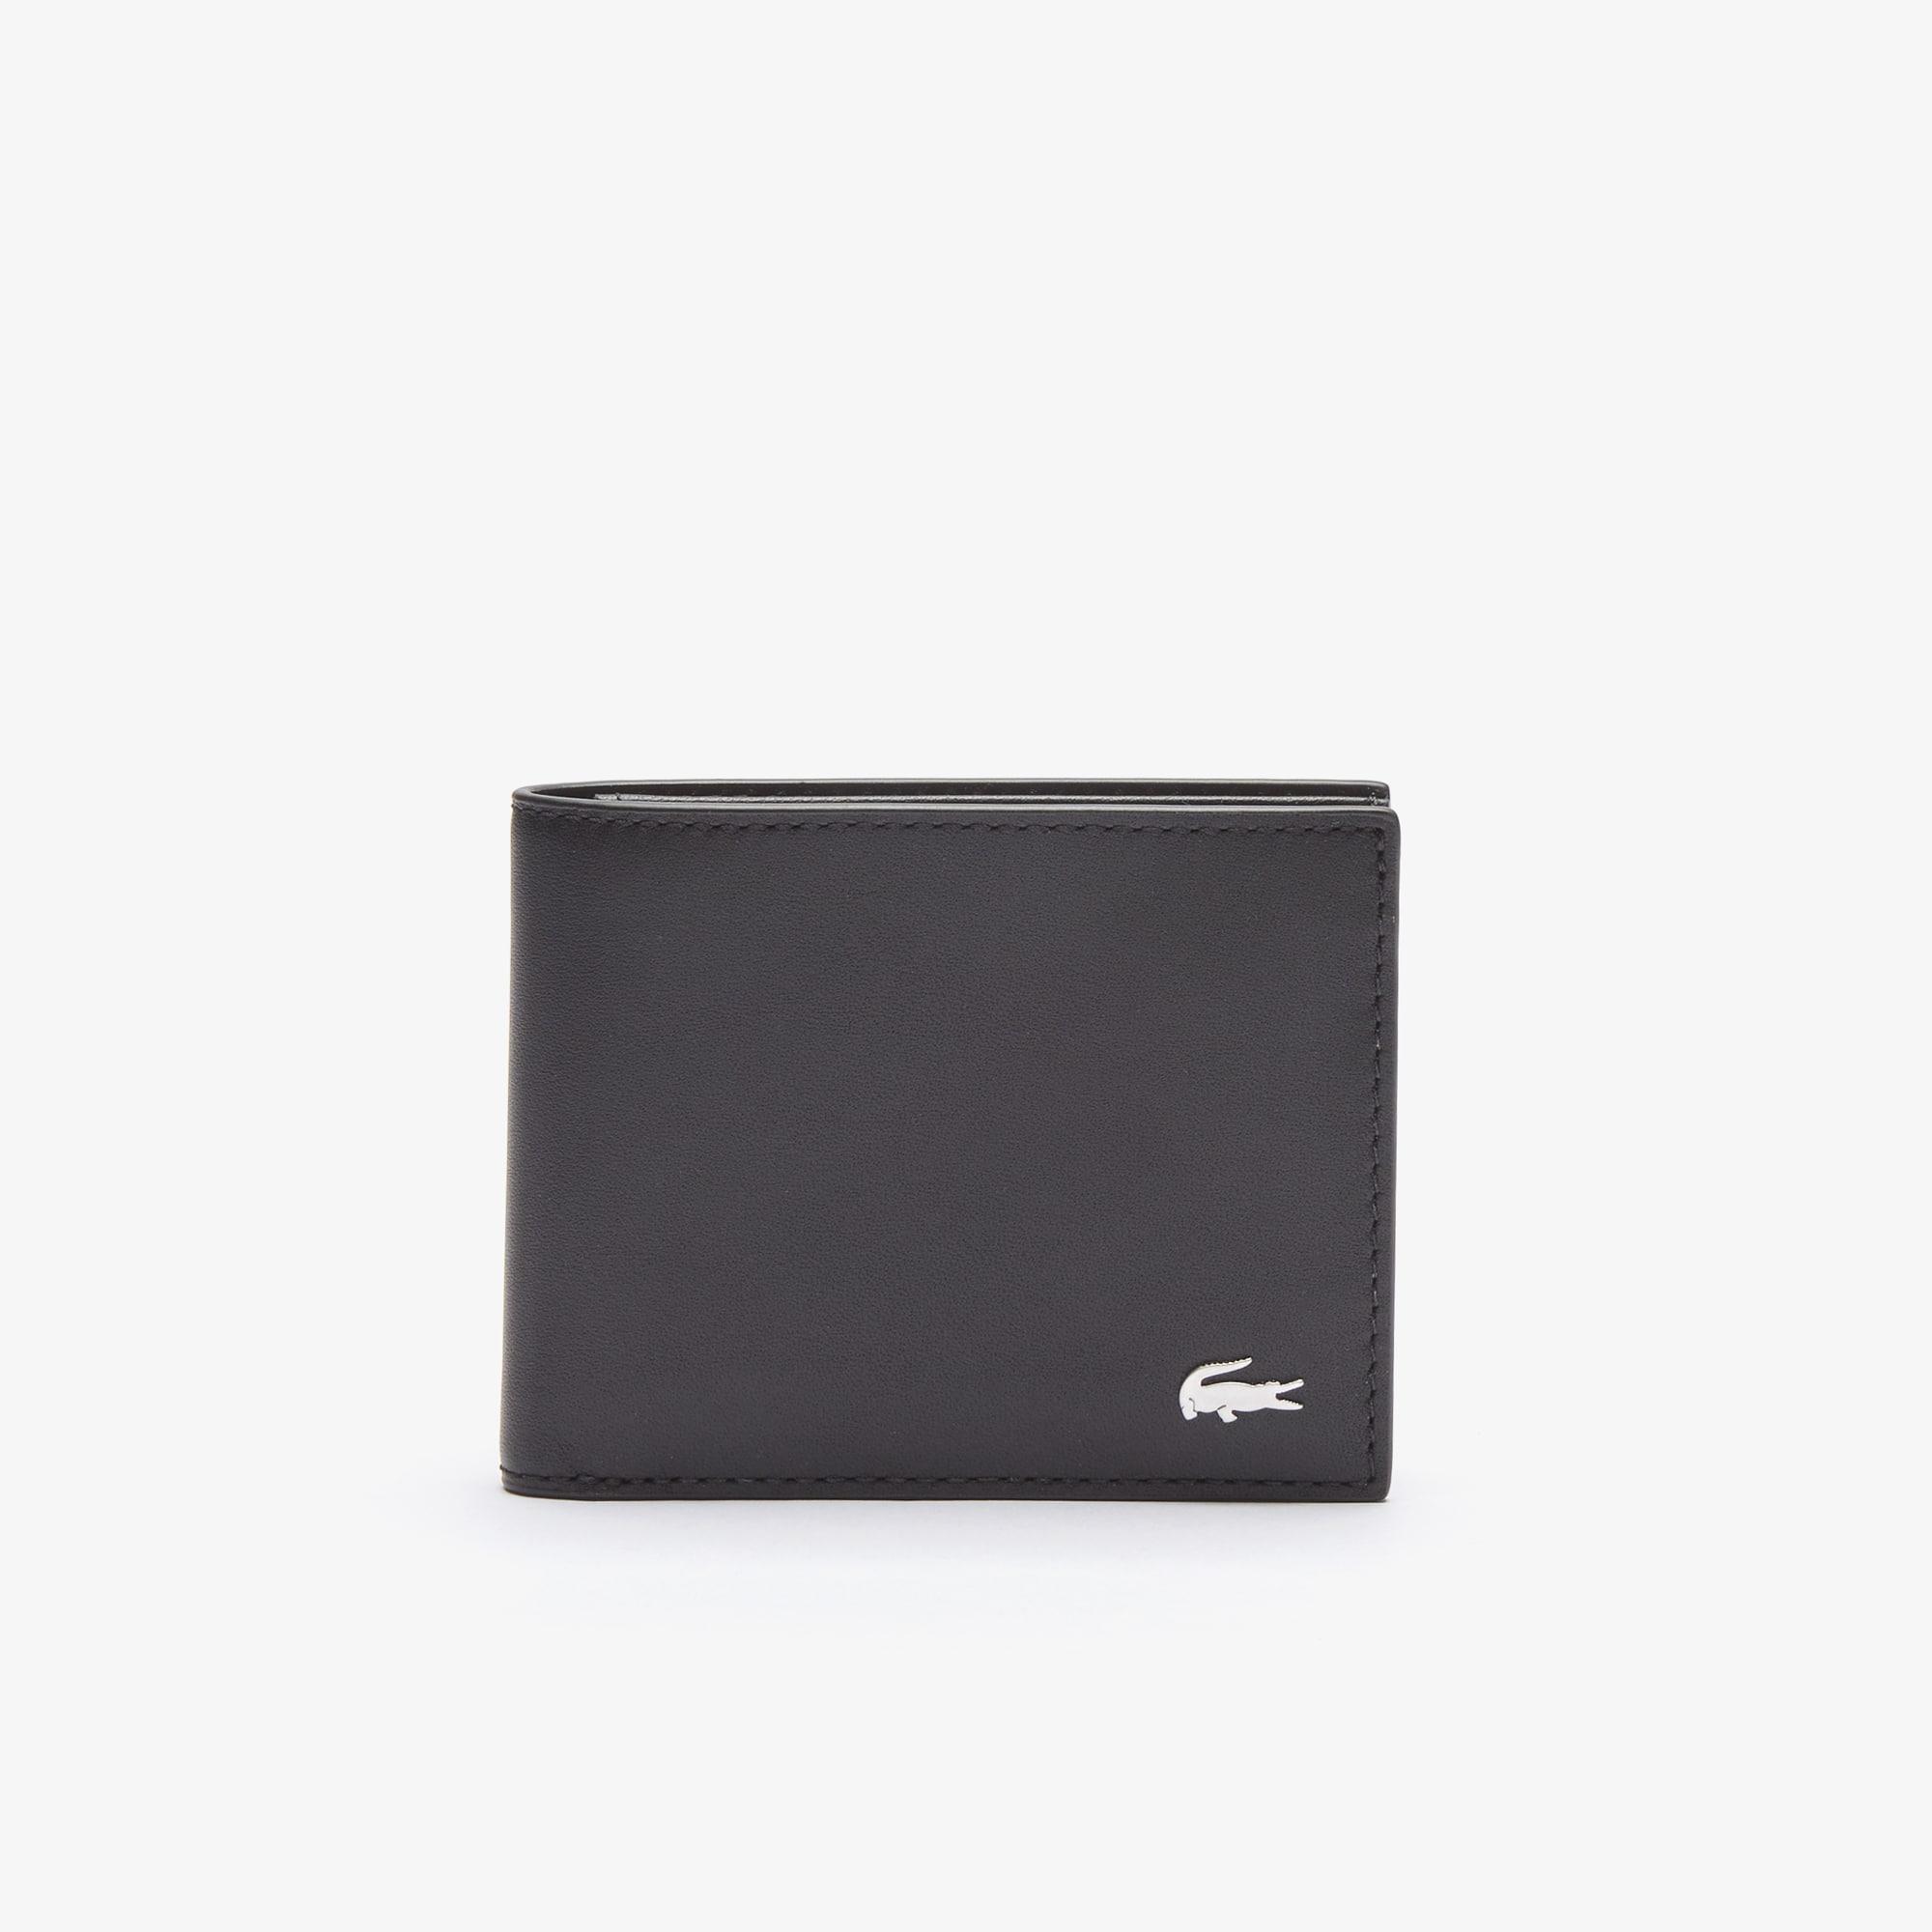 color black - Id Card Holder